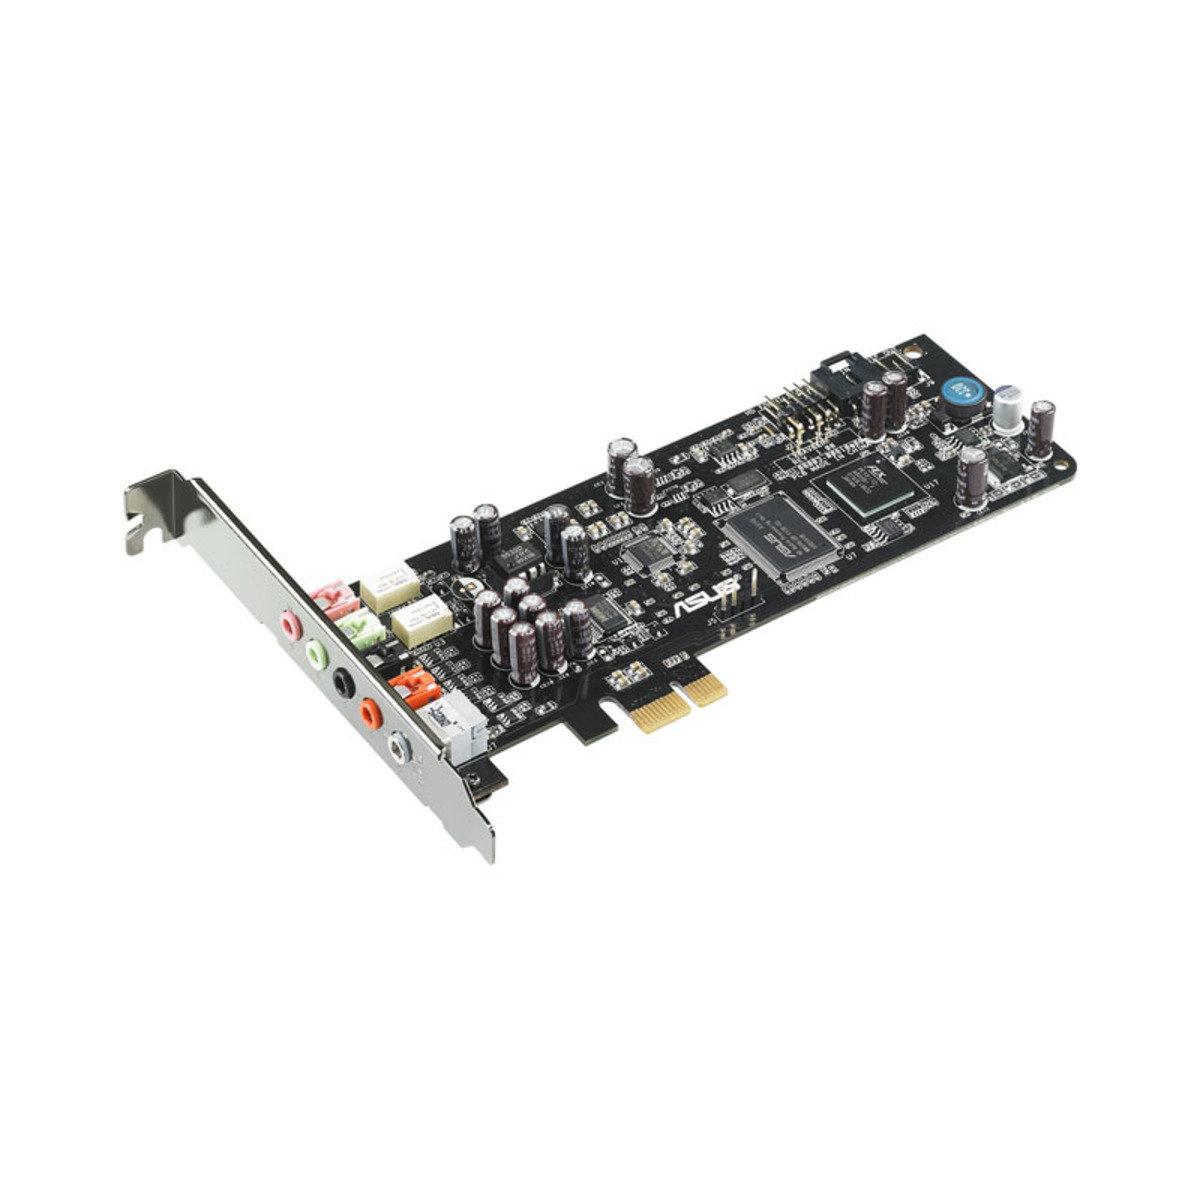 7.1聲道 PCI-E電腦內置音效卡 Xonar DSX